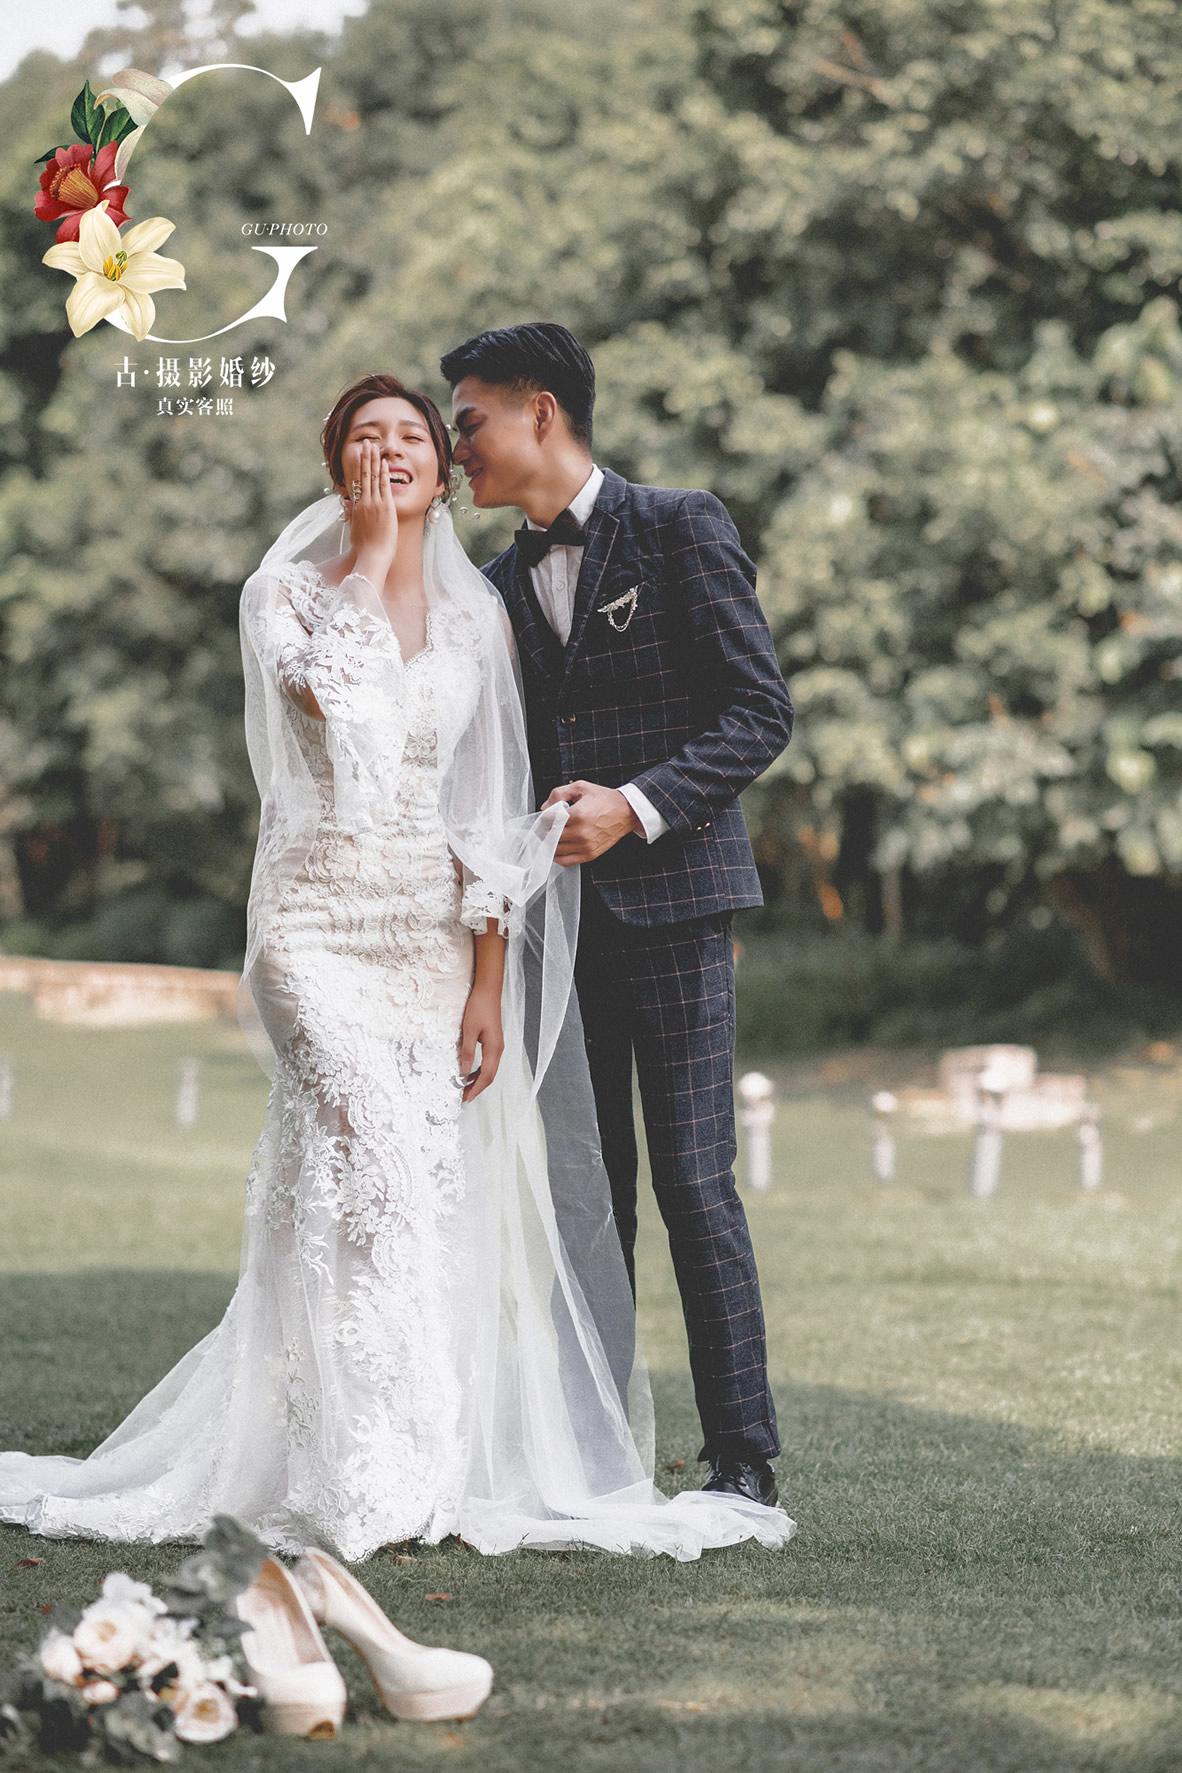 李先生 何小姐 - 每日客照 - 广州婚纱摄影-广州古摄影官网